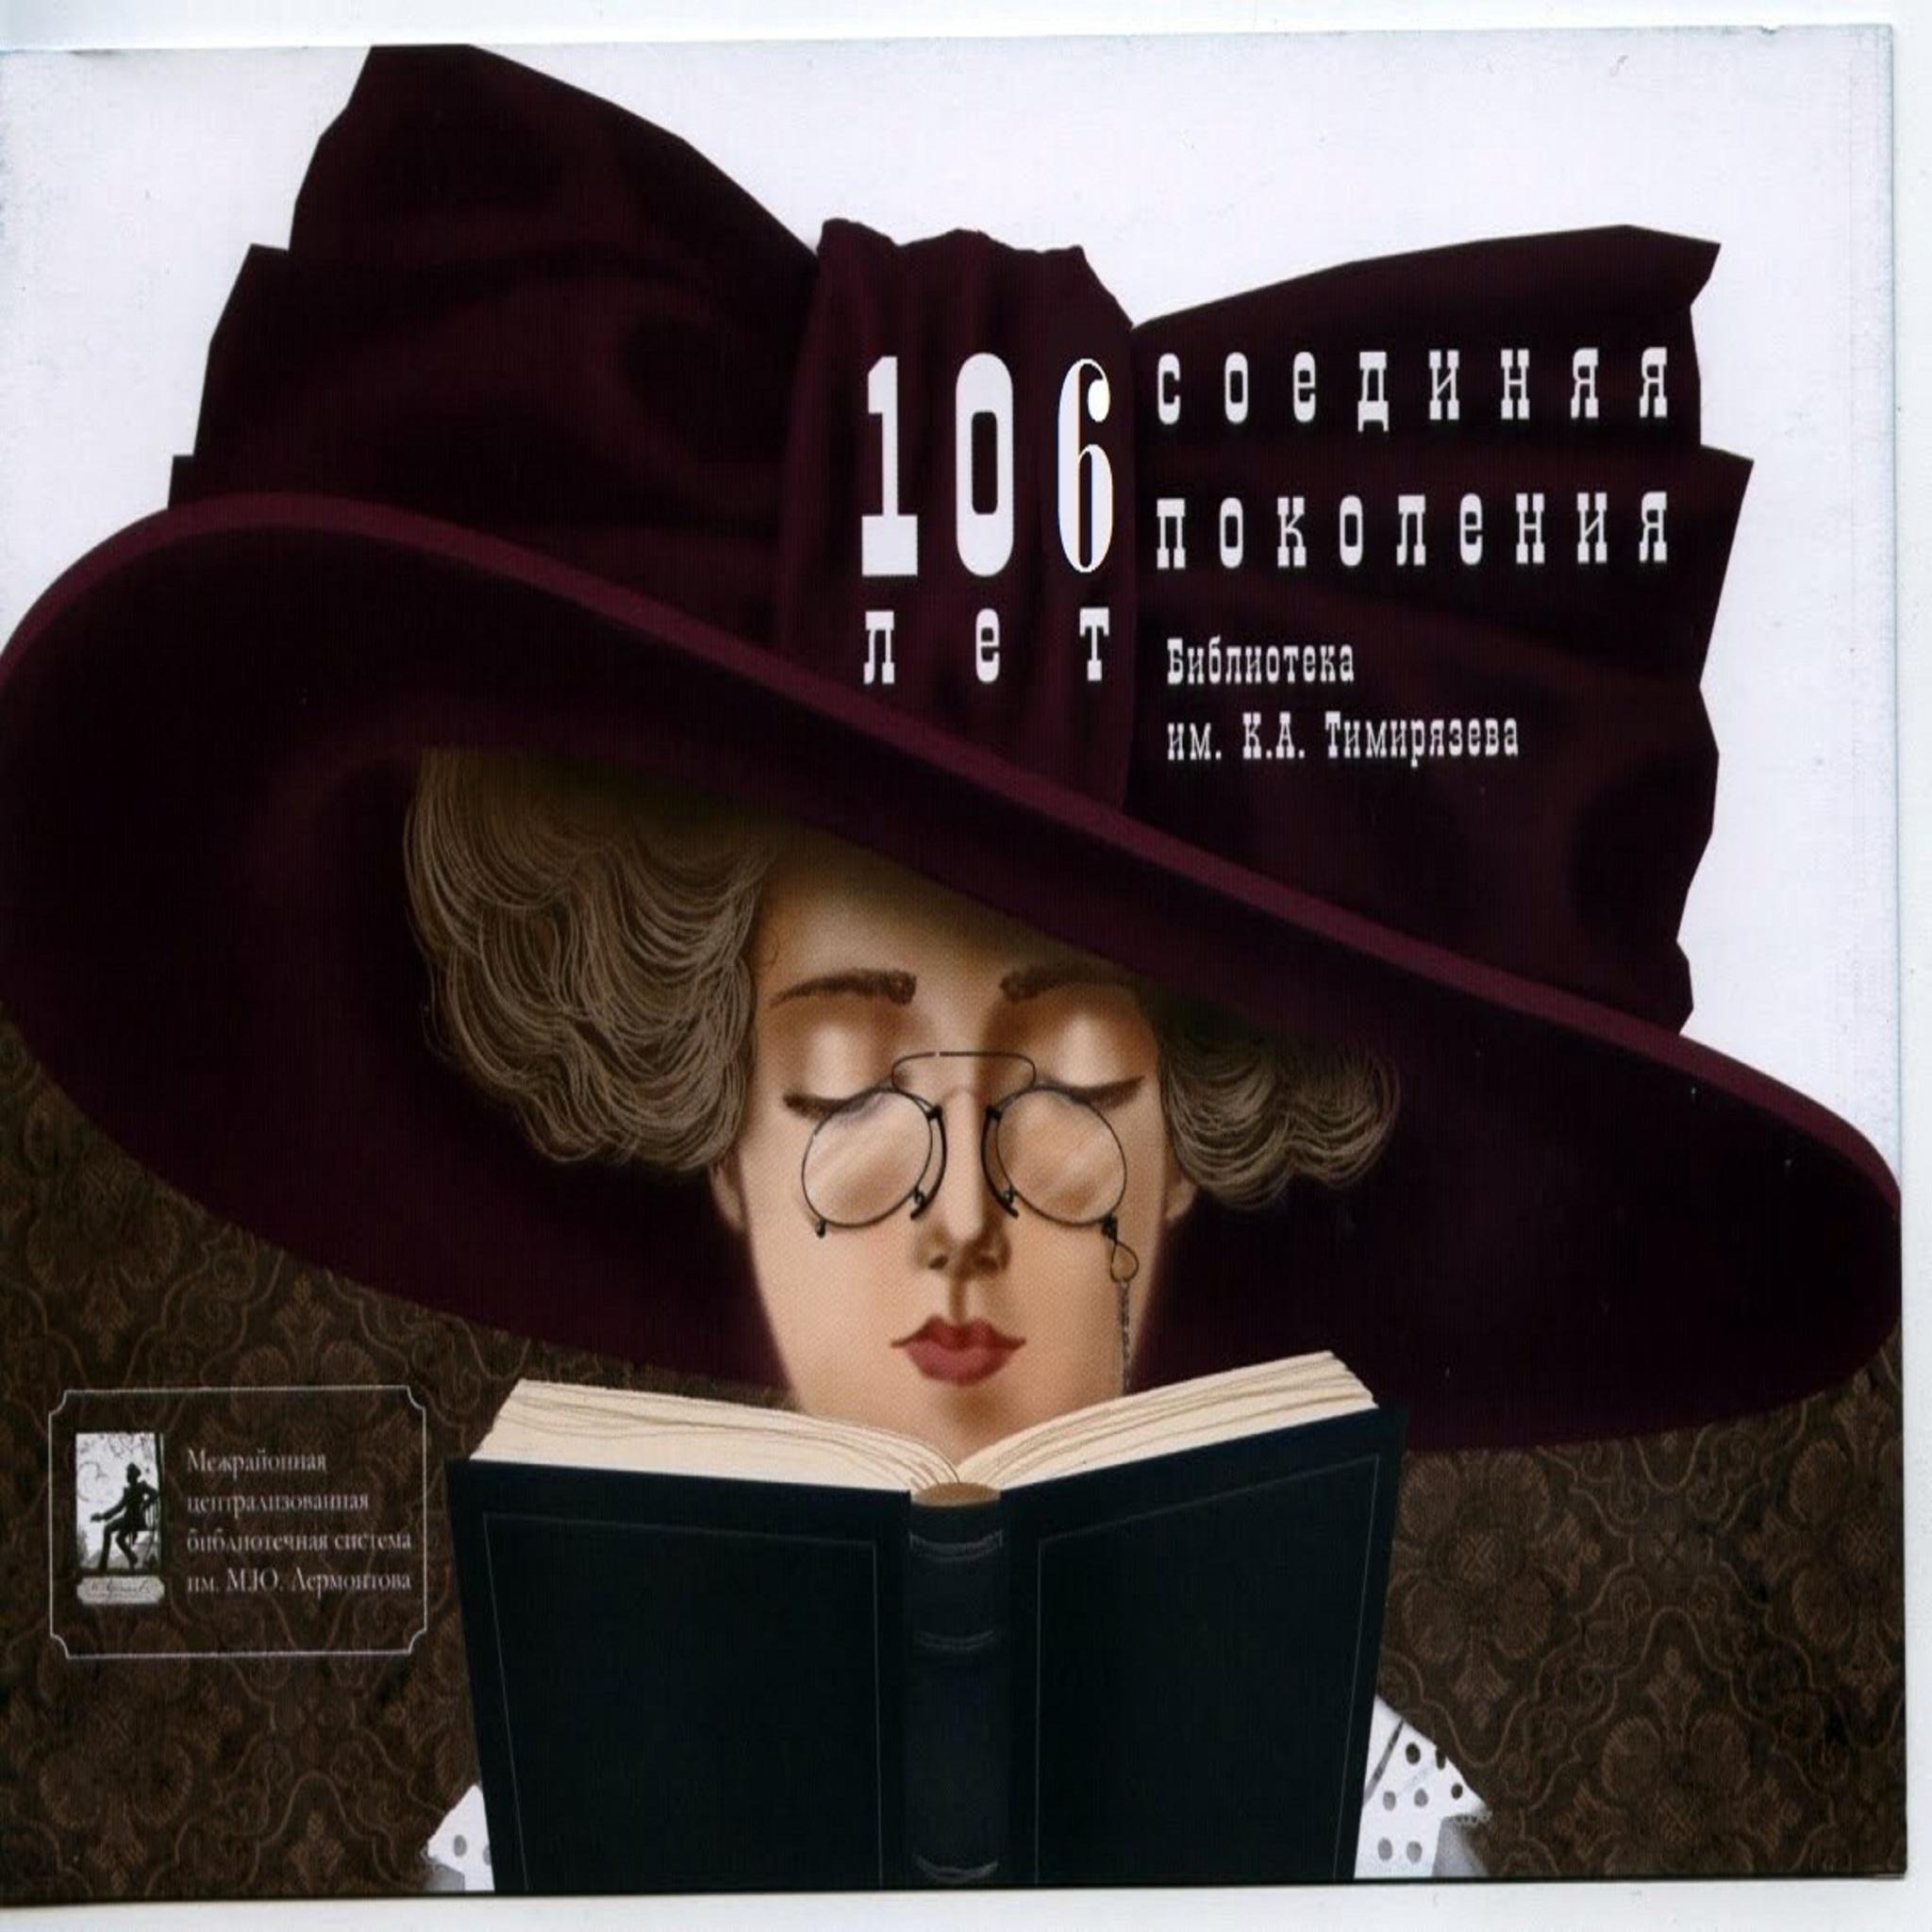 Библиотека им. К.А.Тимирязева